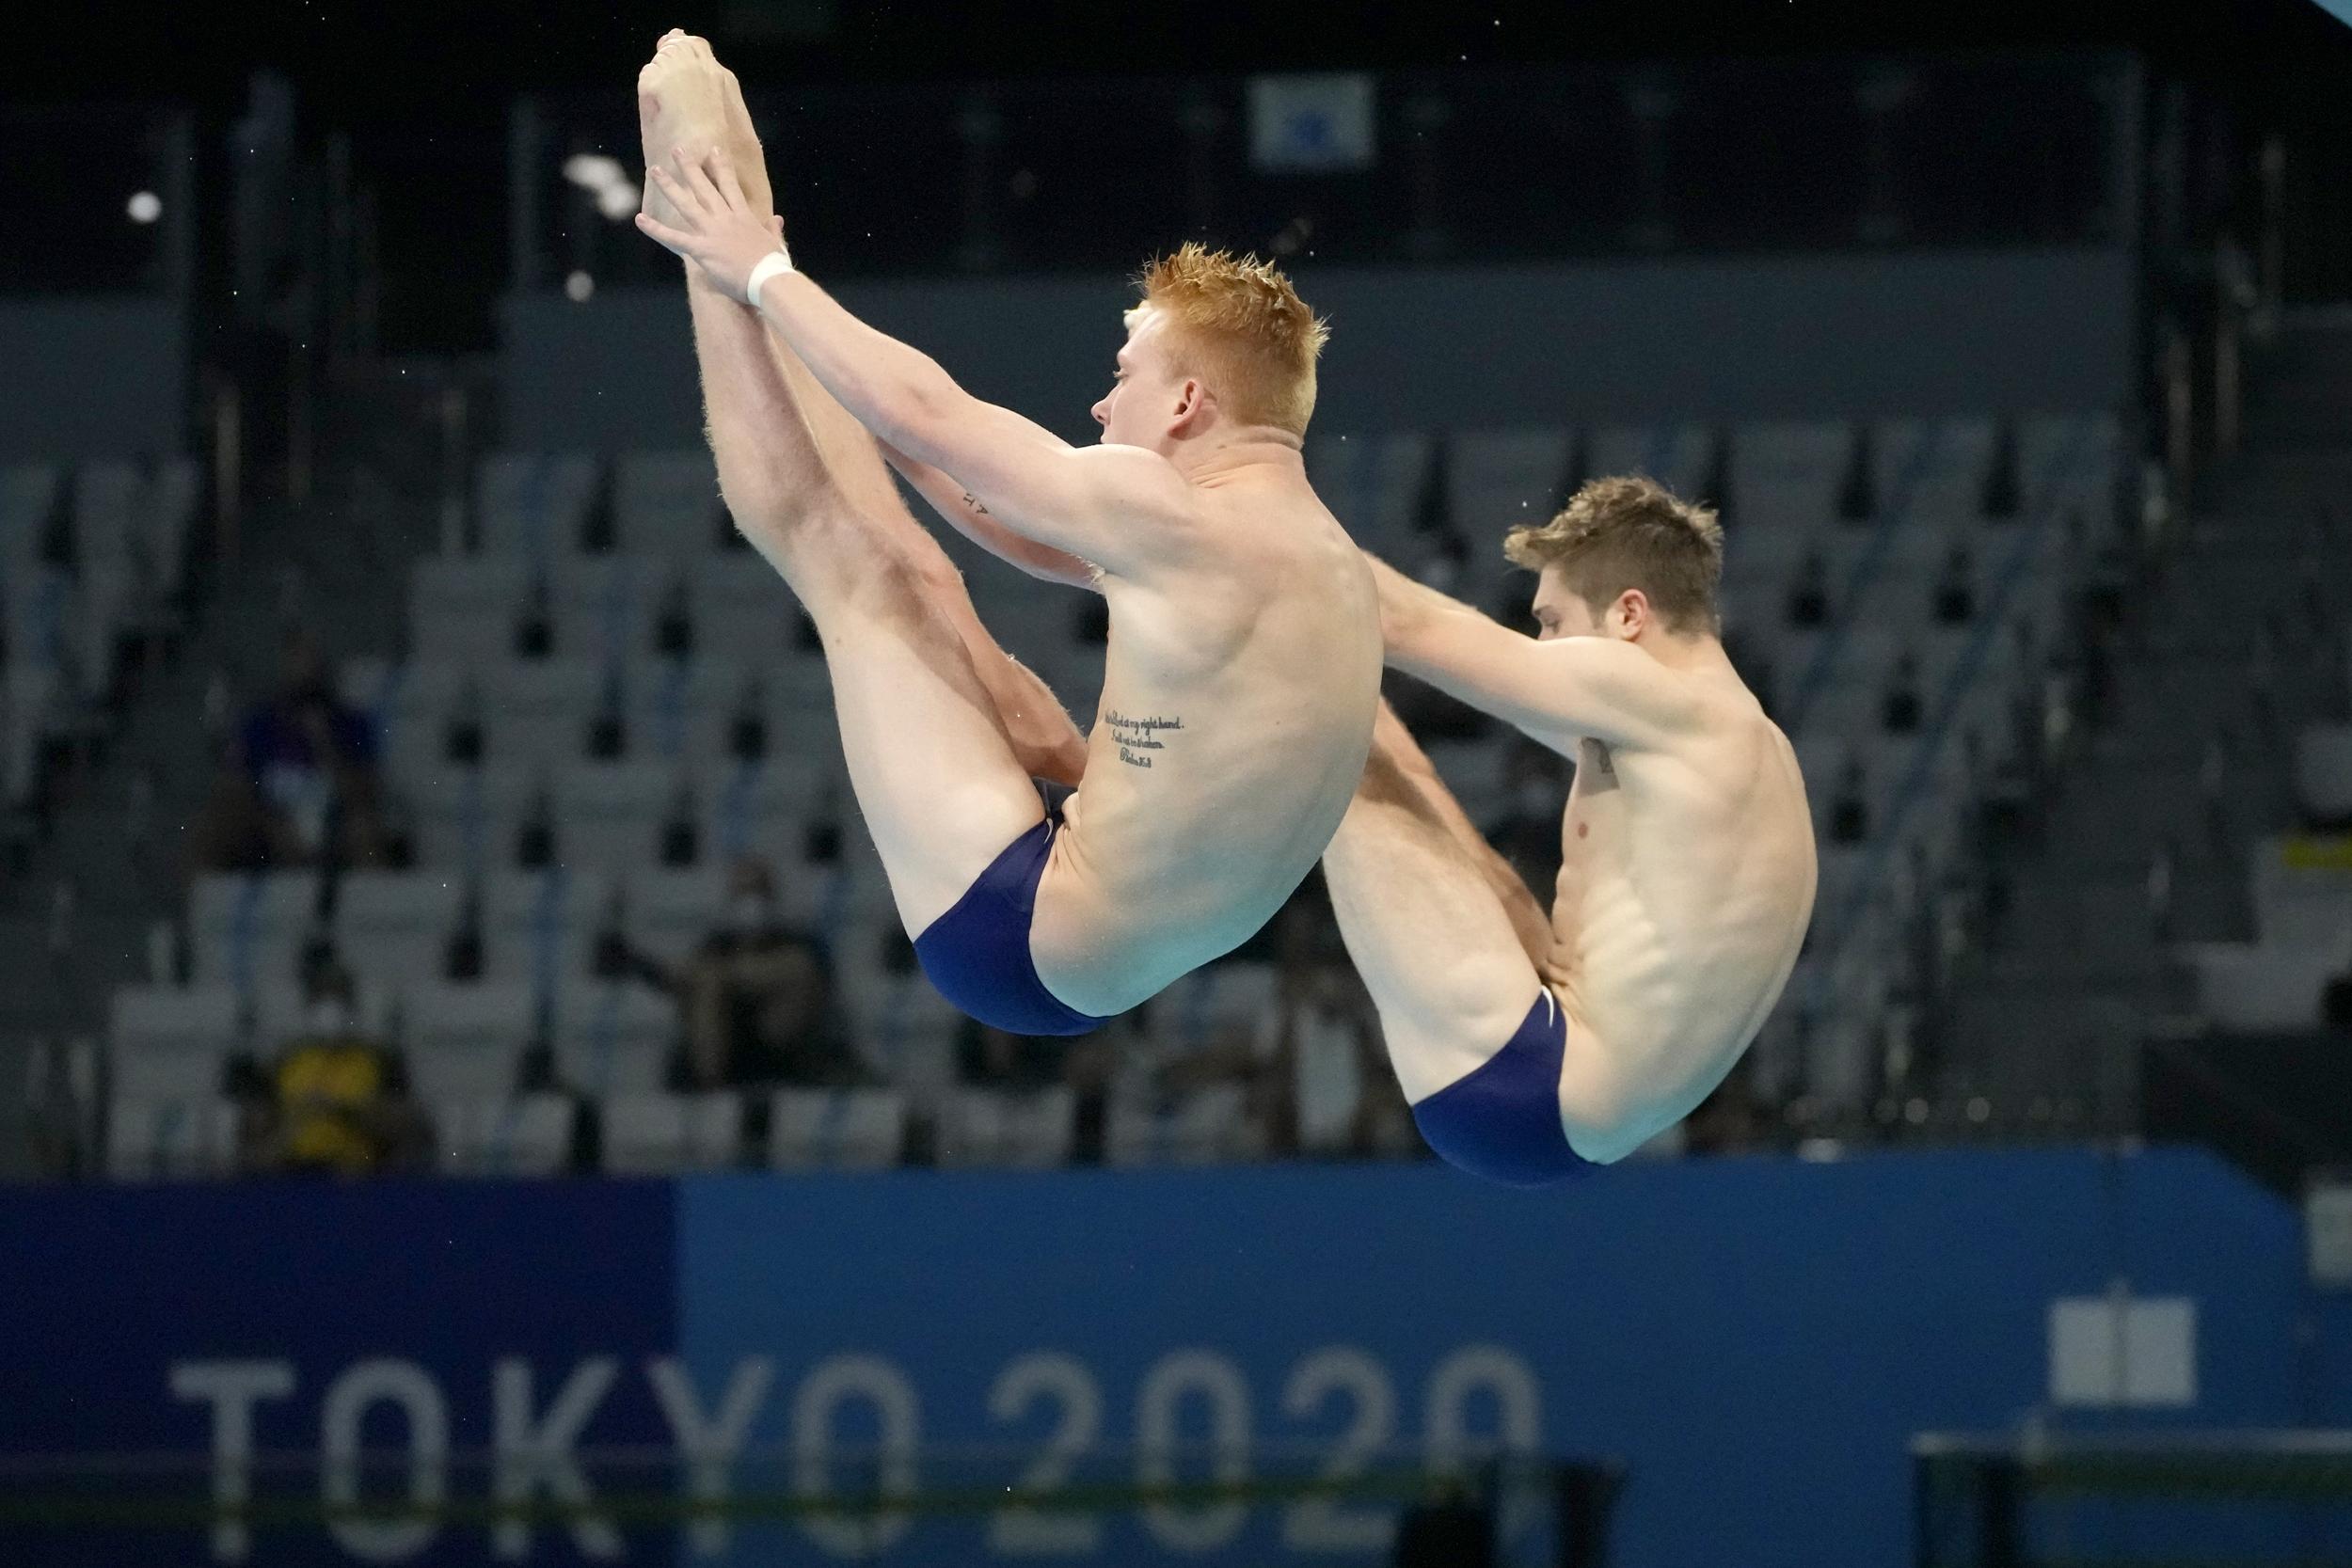 Capobianco, Hixon add to U.S. divers' synchro success